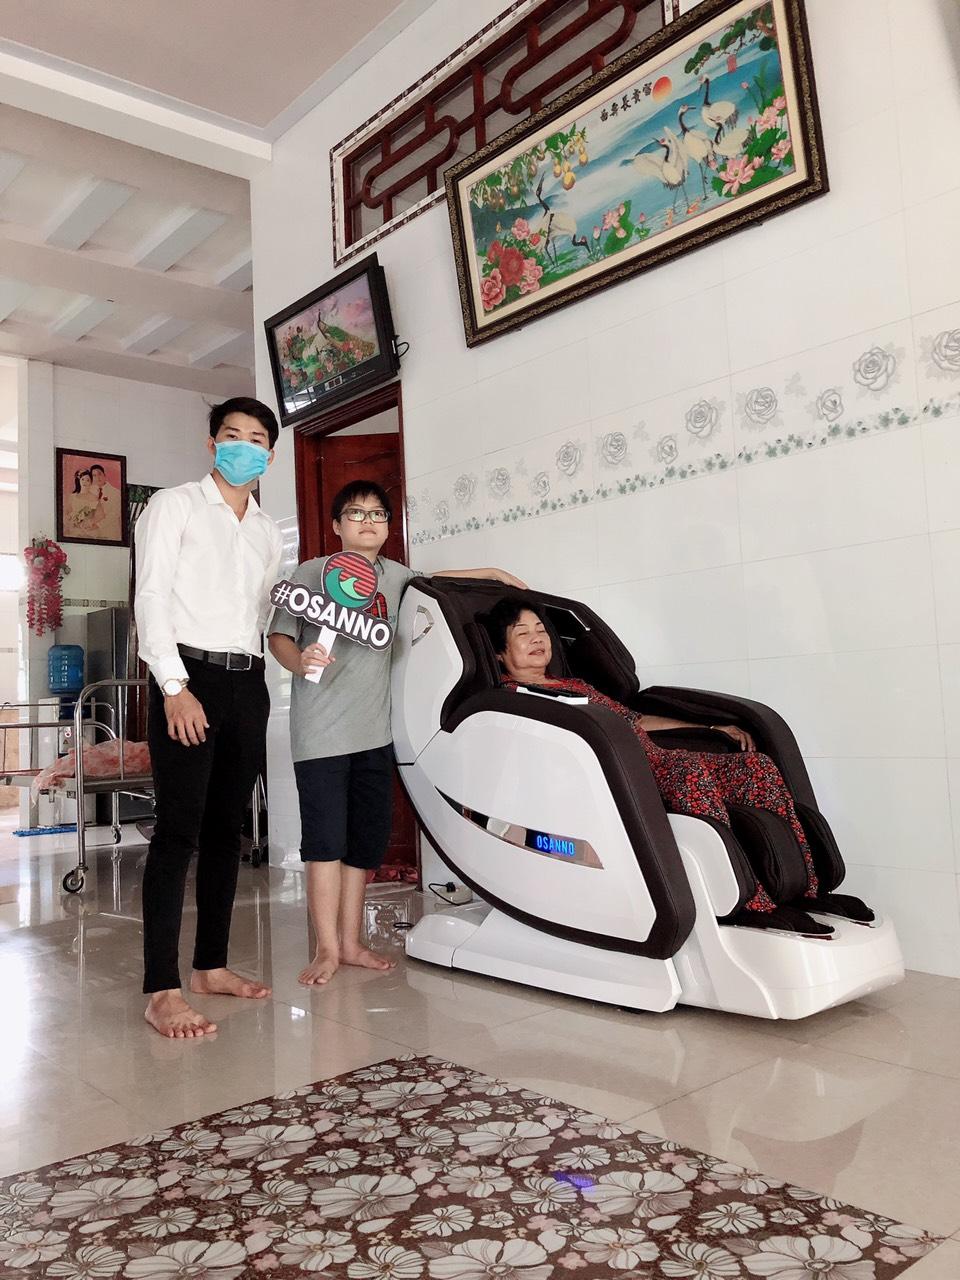 Ghế massage Osanno OS-868 được gia đình Việt tin dùng